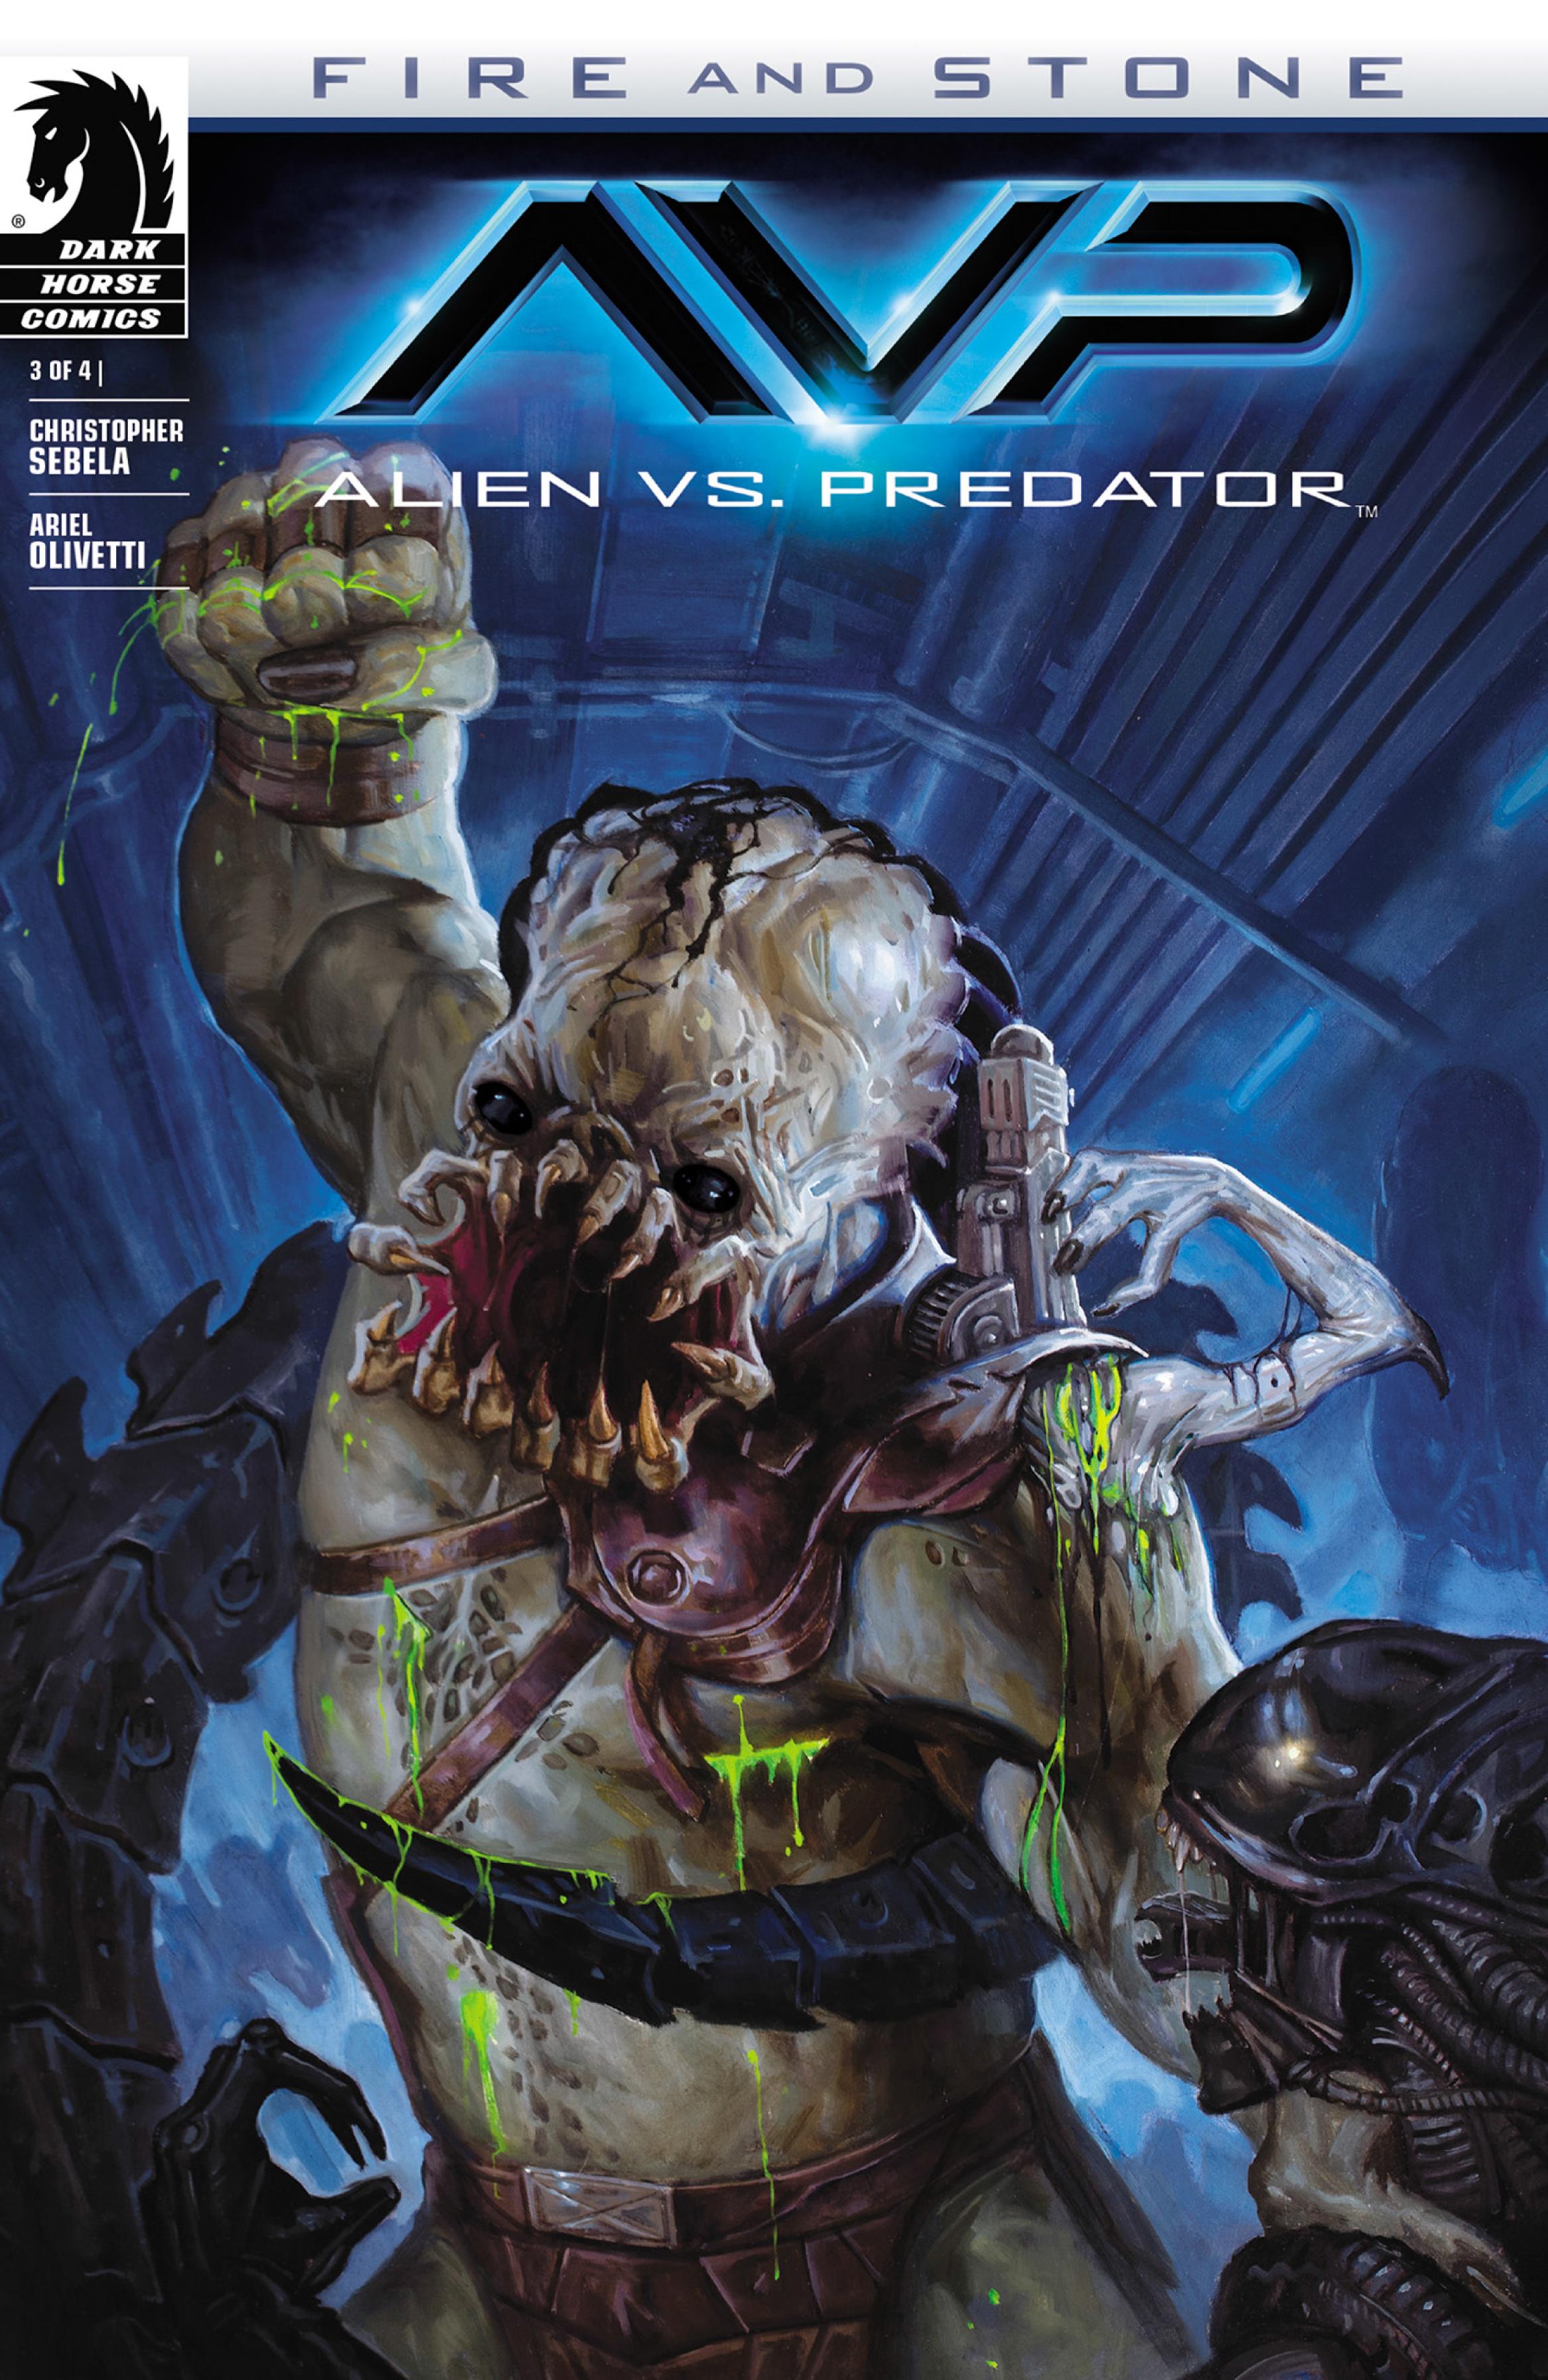 Alien Vs Predator: Fire and Stone #3